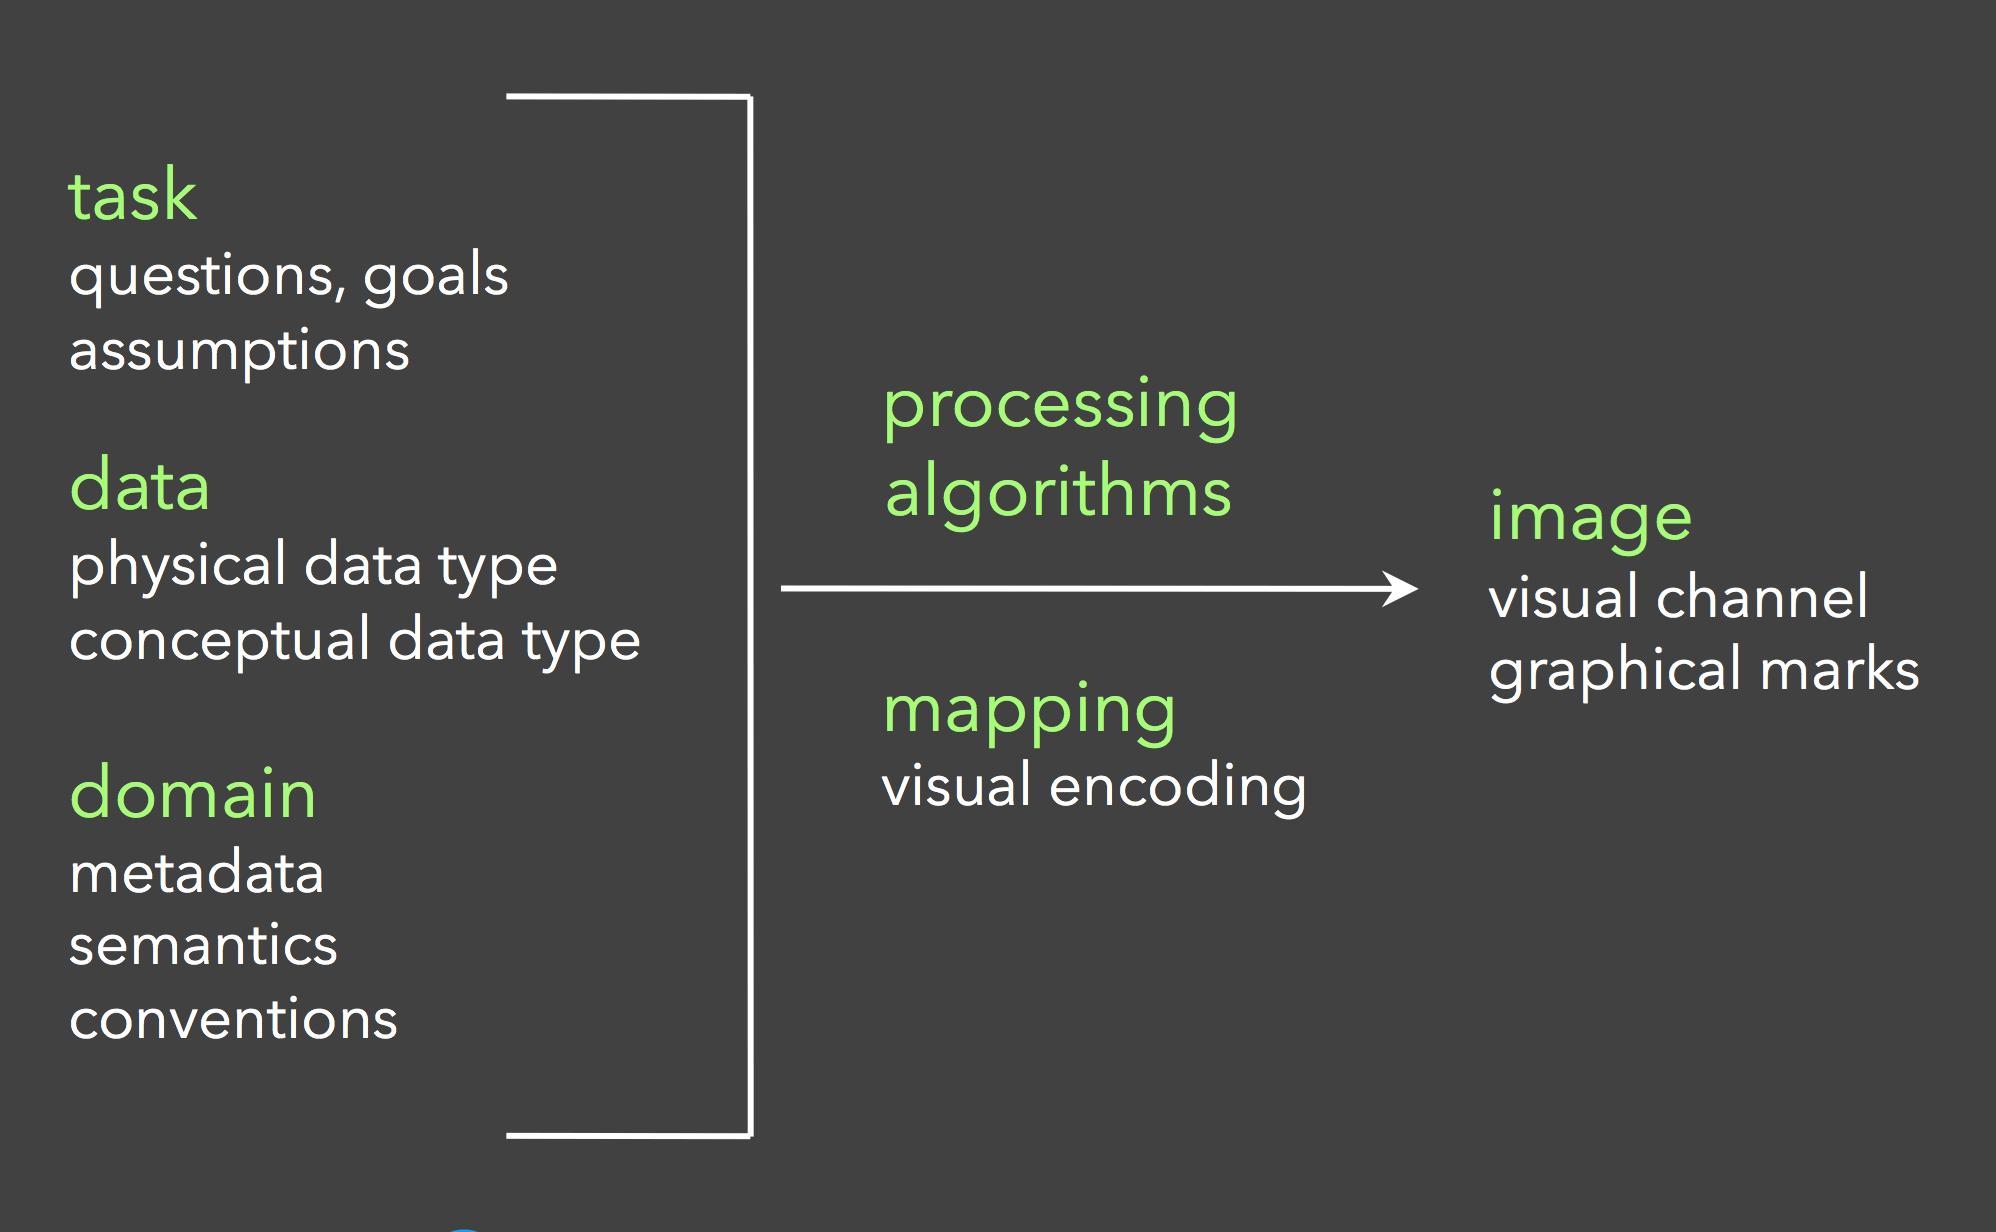 数据可视化流程总览